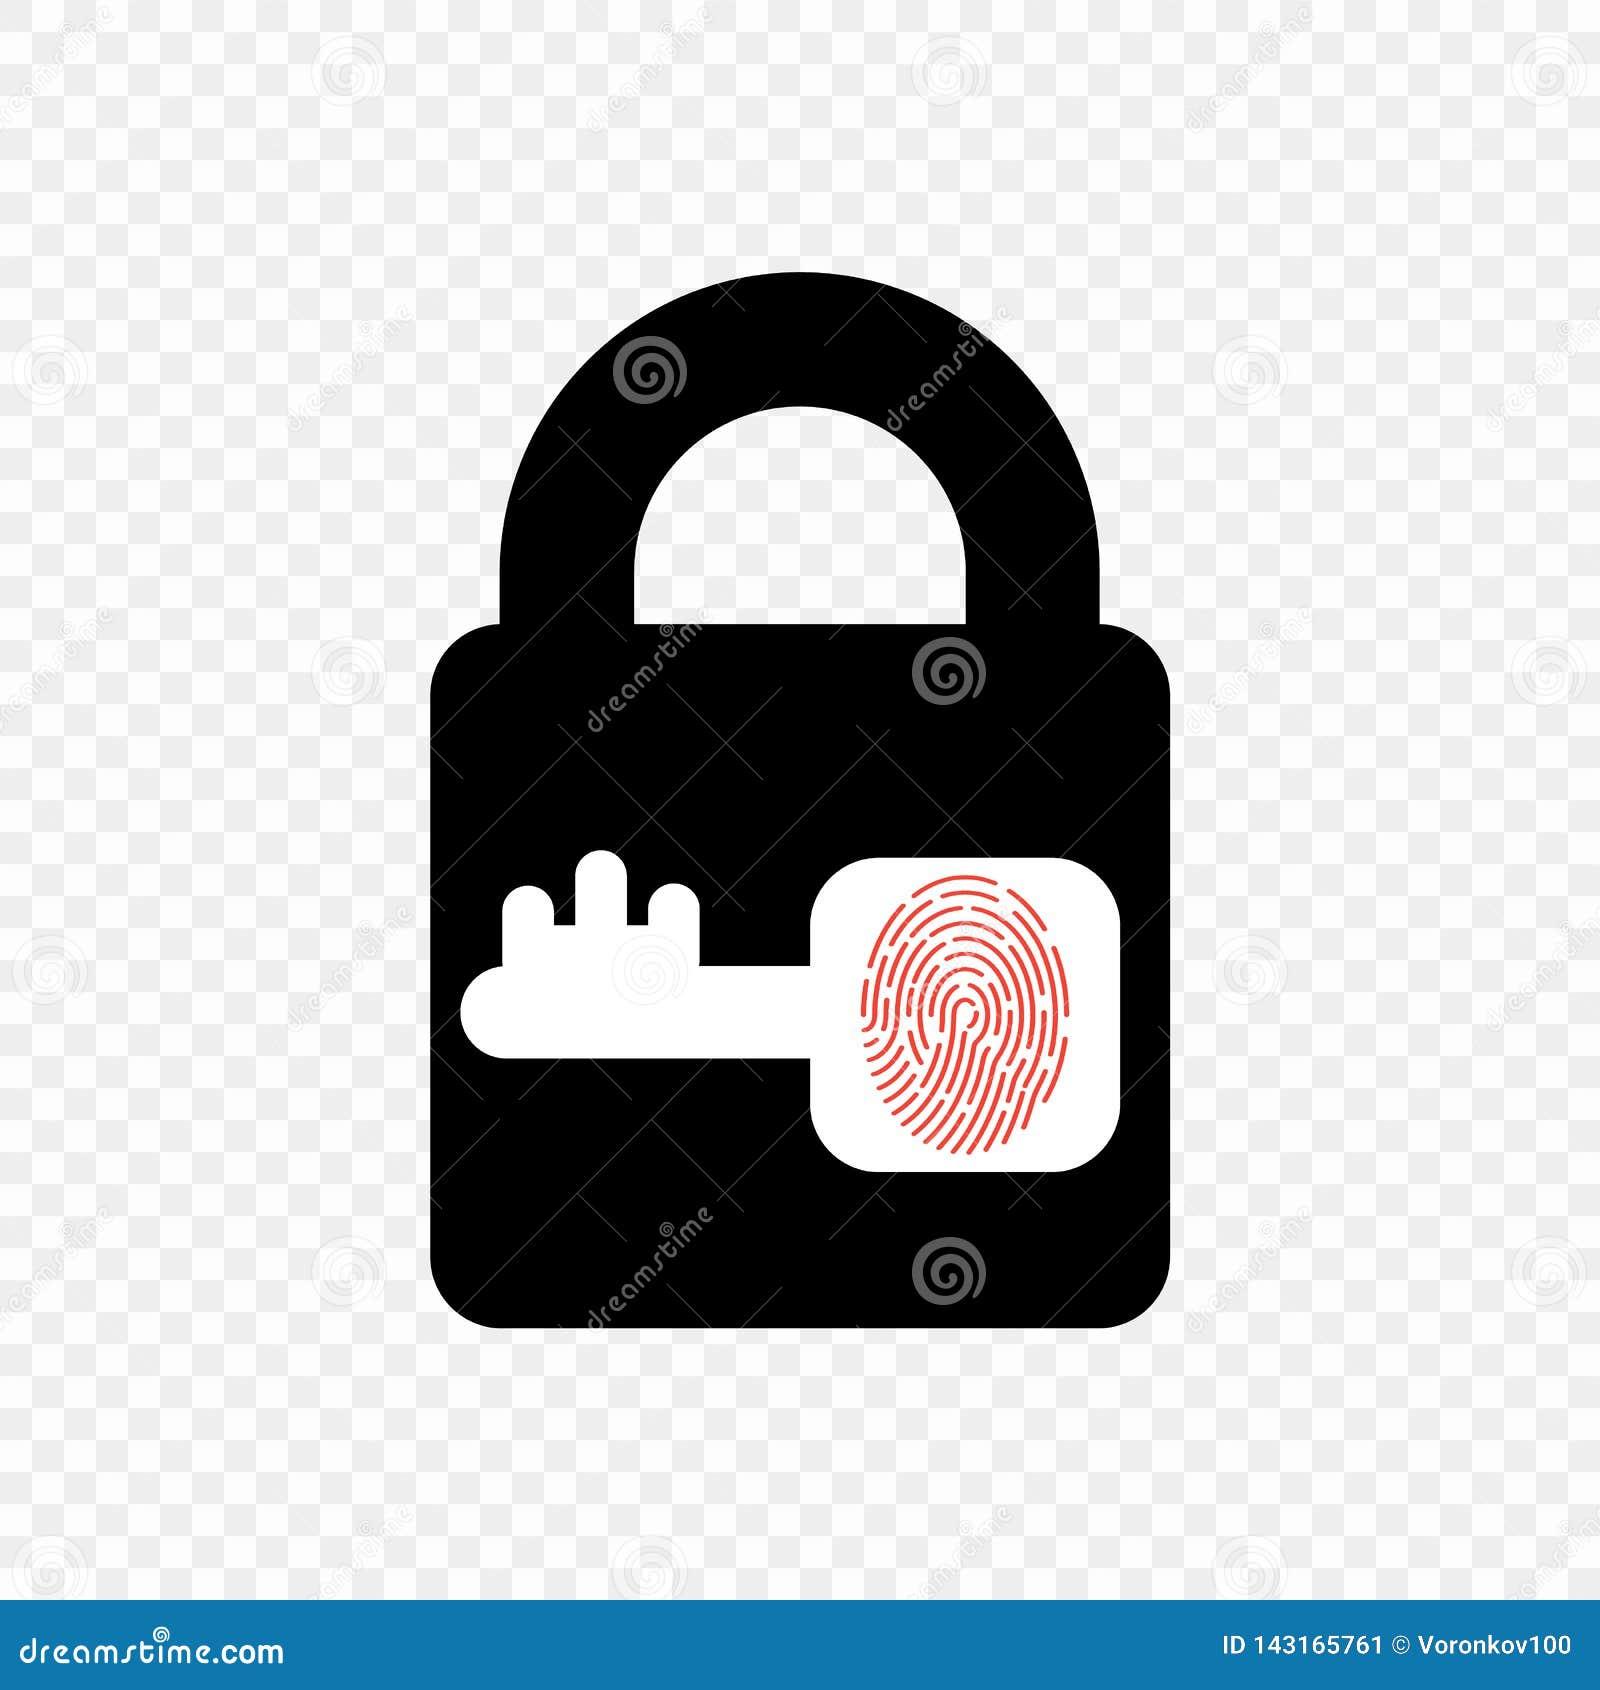 Icono monocromático de la cerradura del vector con llave y la huella dactilar Elemento en fondo transparente